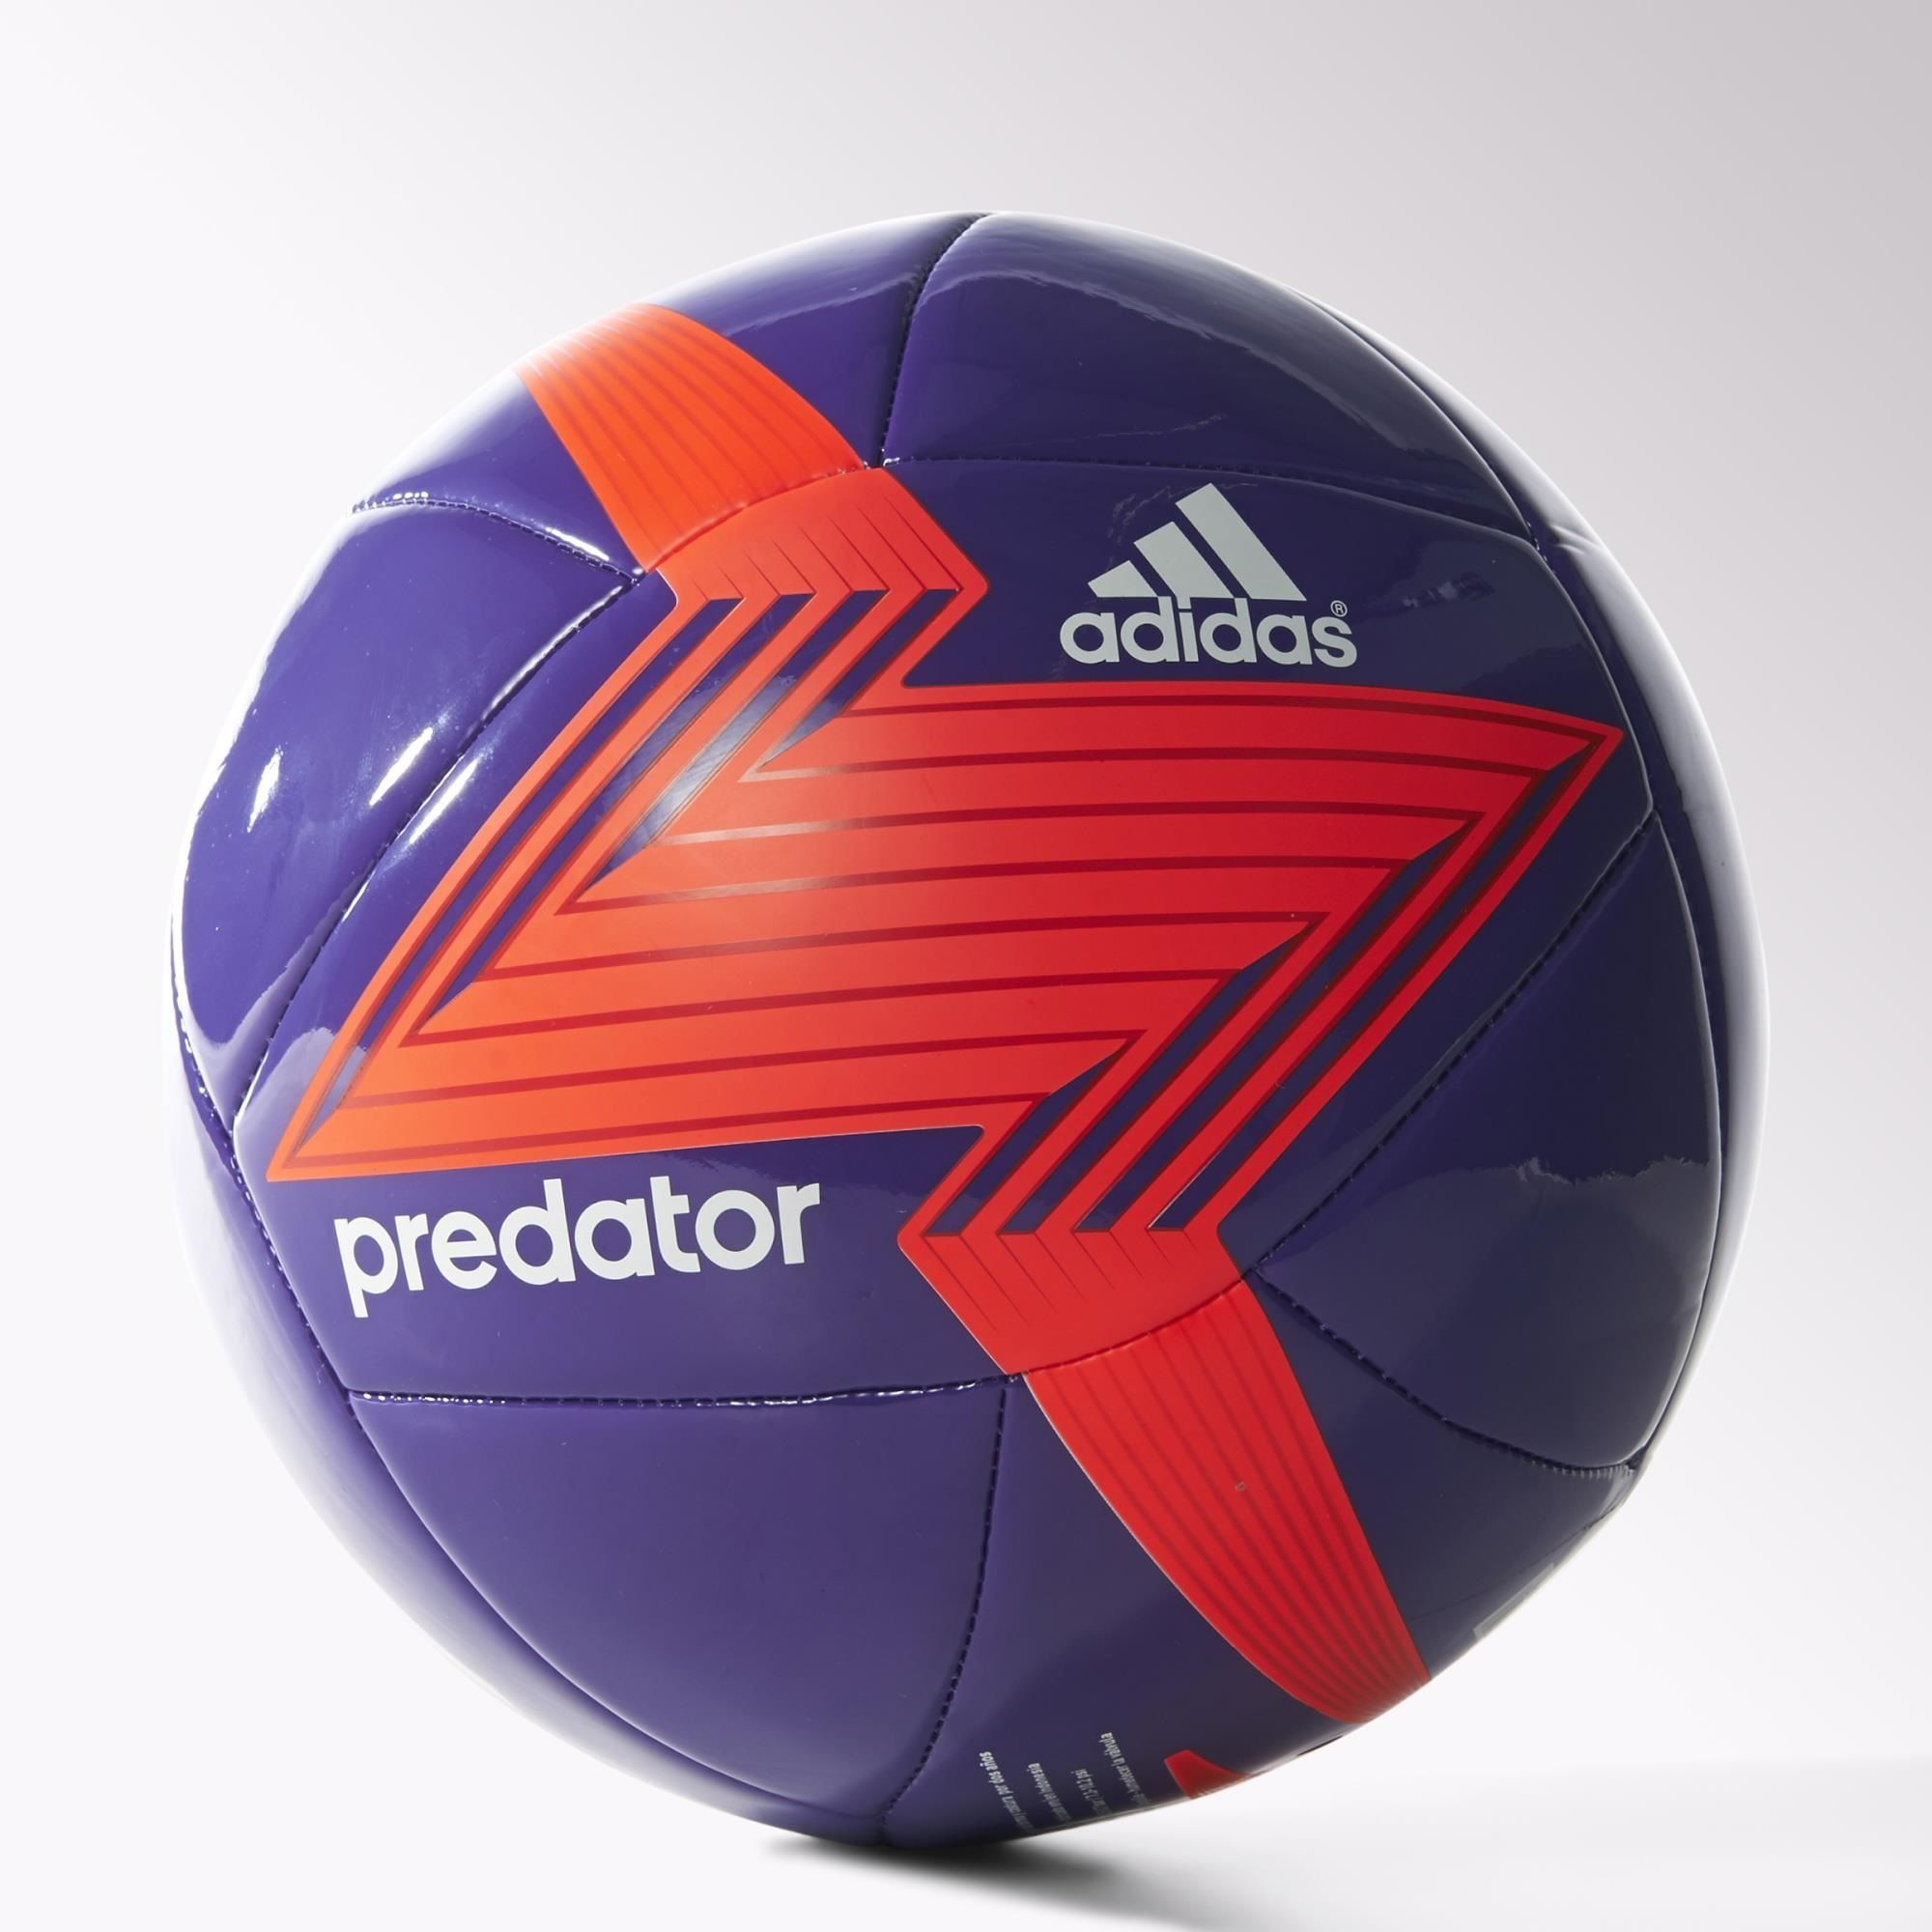 600712294d1 adidas - Predator Glider Ball | Footballs | Adidas football, Soccer ...